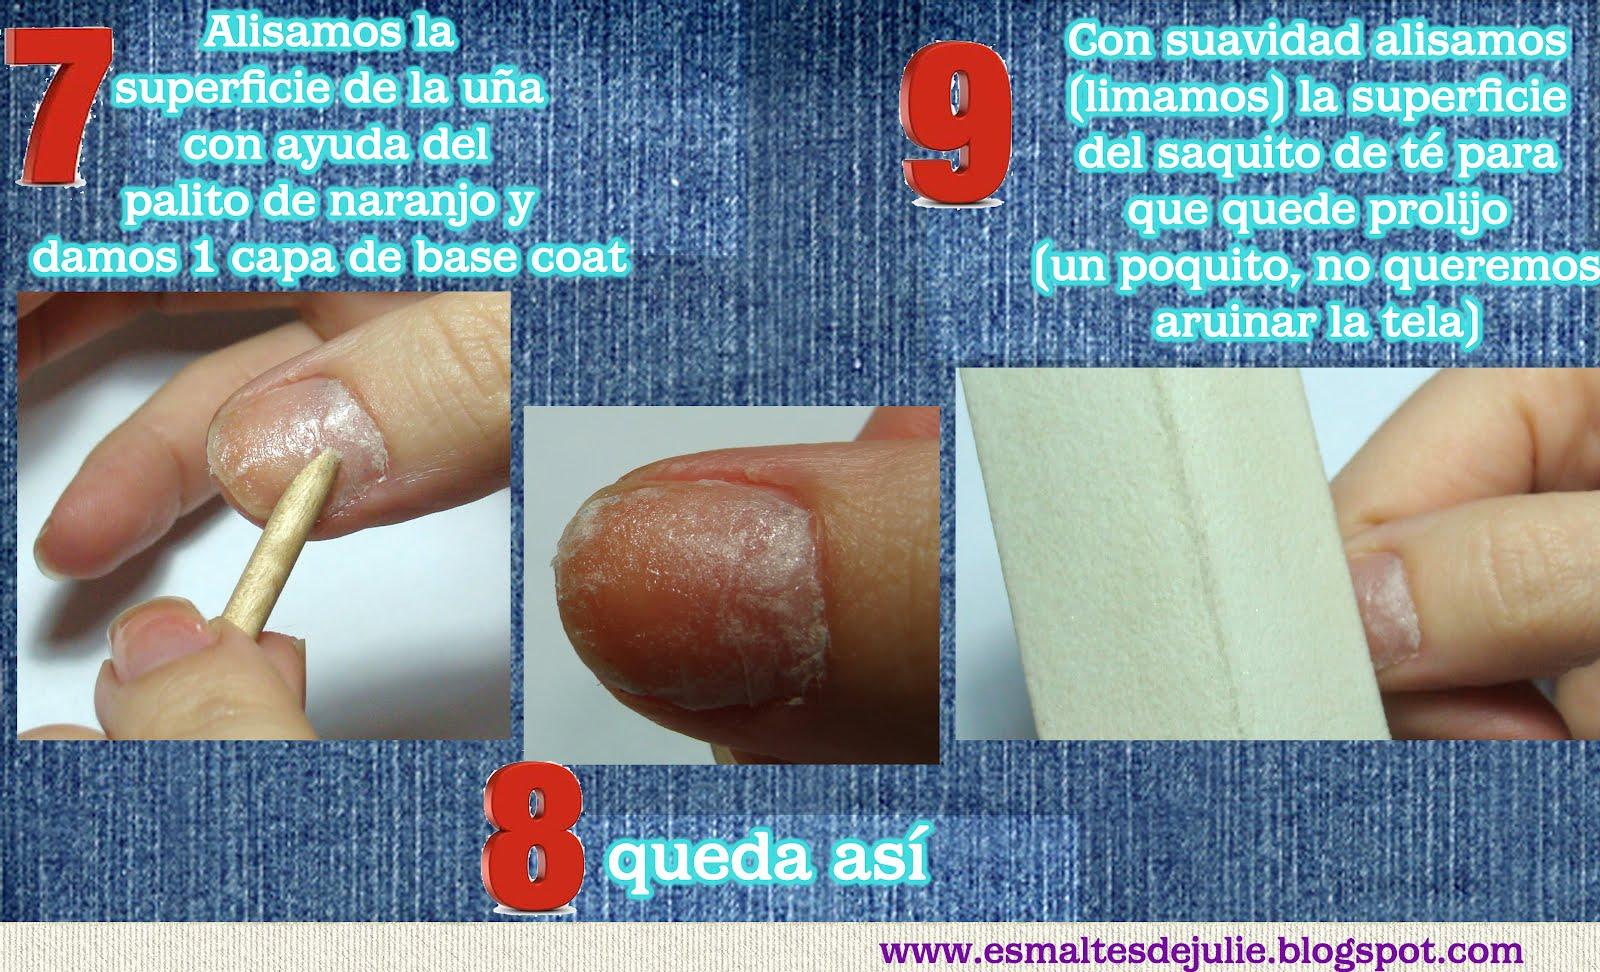 Esmaltes de Julie: Como reparar uñas con 1 saquito de té